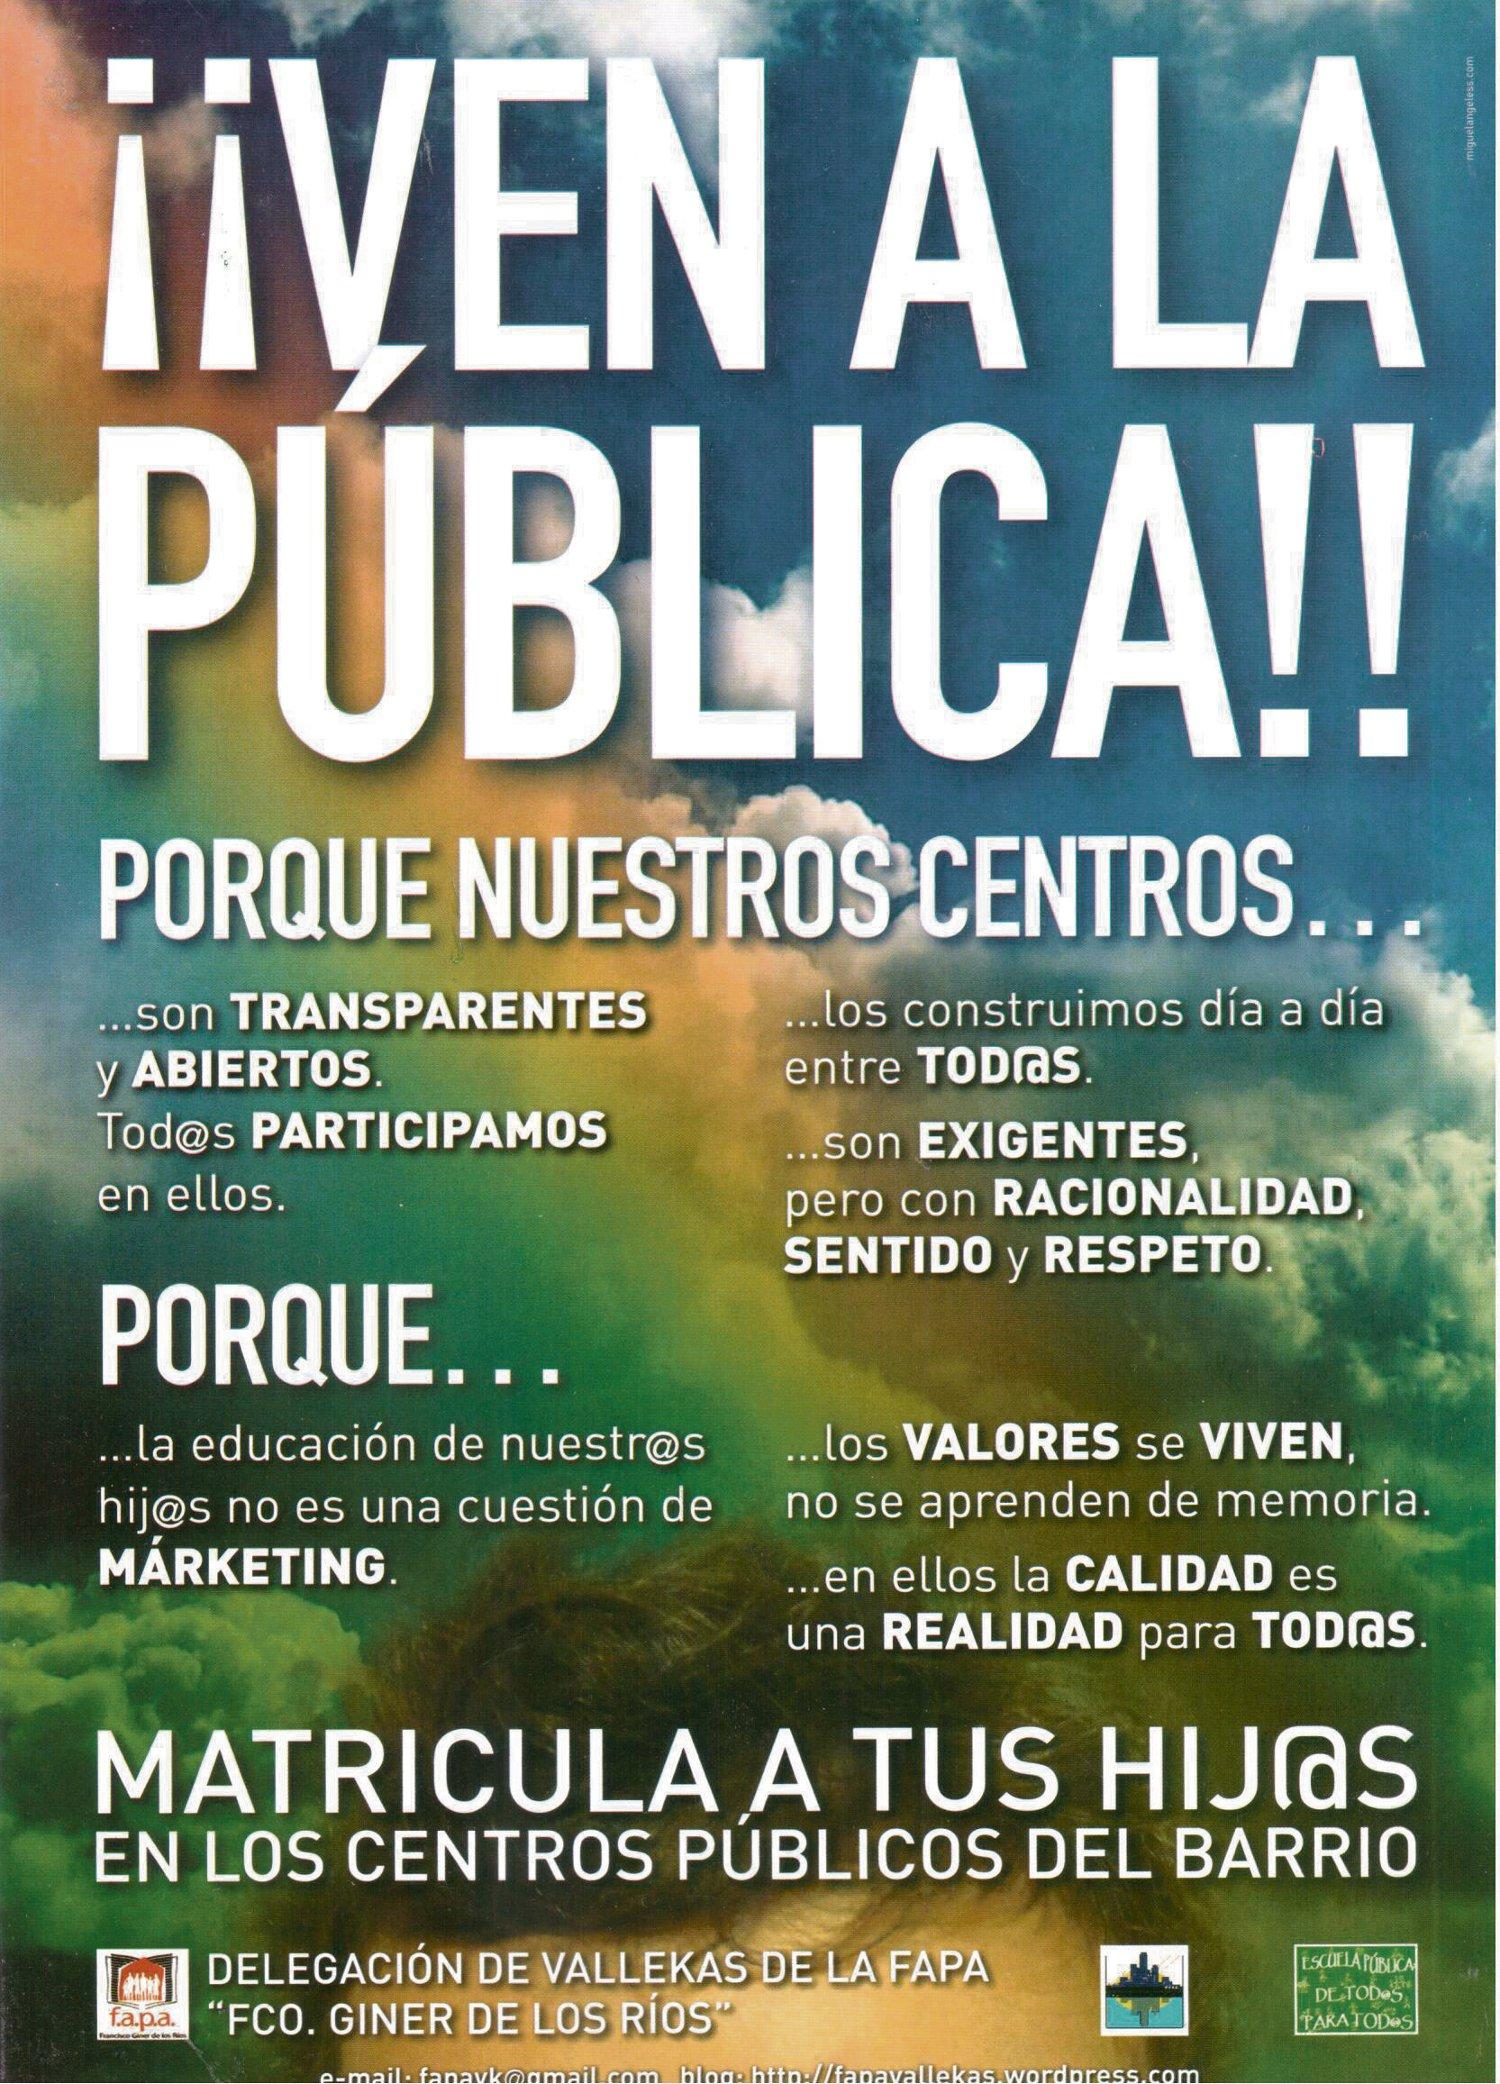 ¡Ven a la pública!